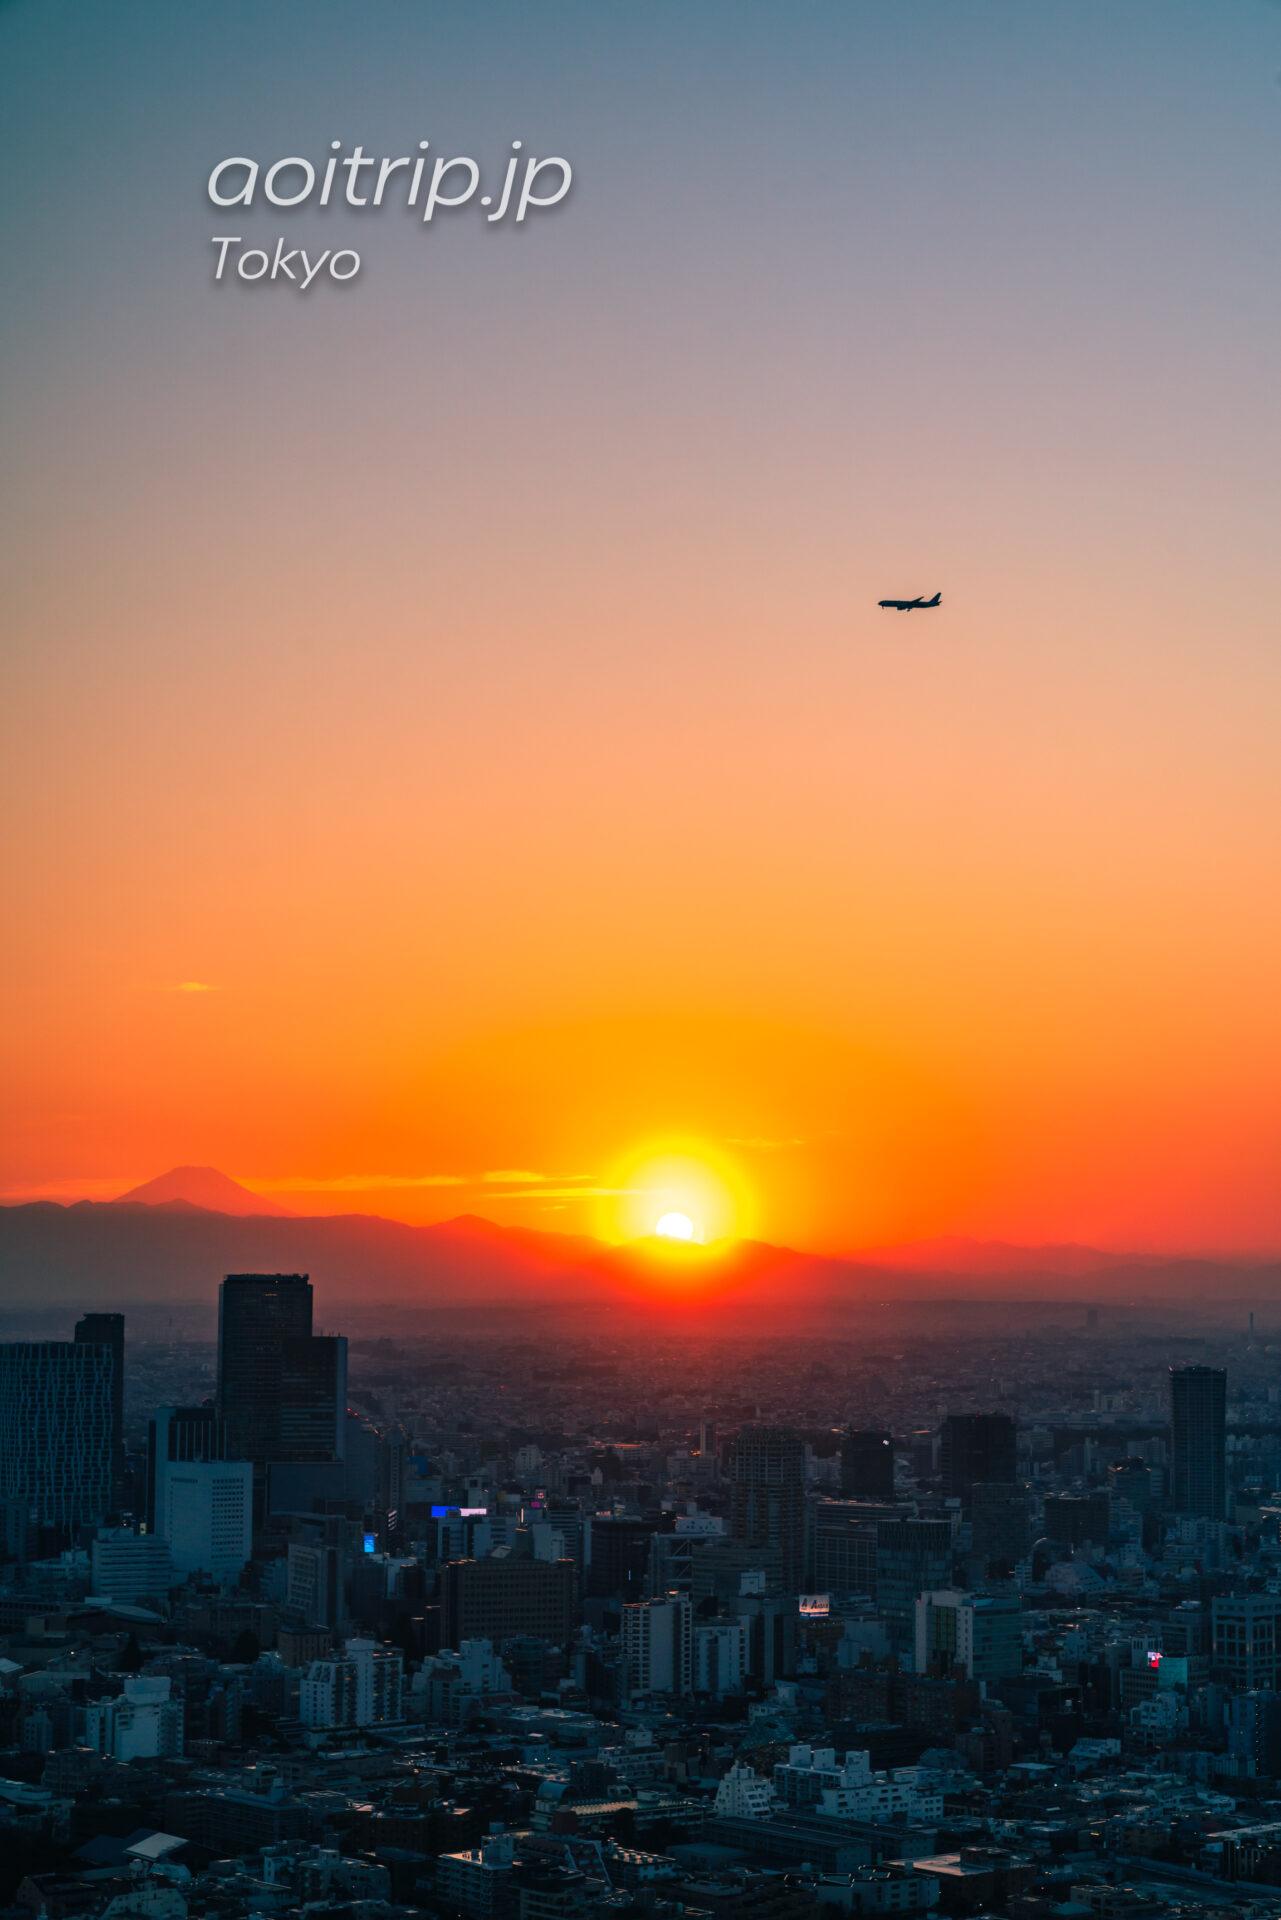 Tokyo Skyline ザ リッツカールトン東京から望む富士山と夕日と飛行機